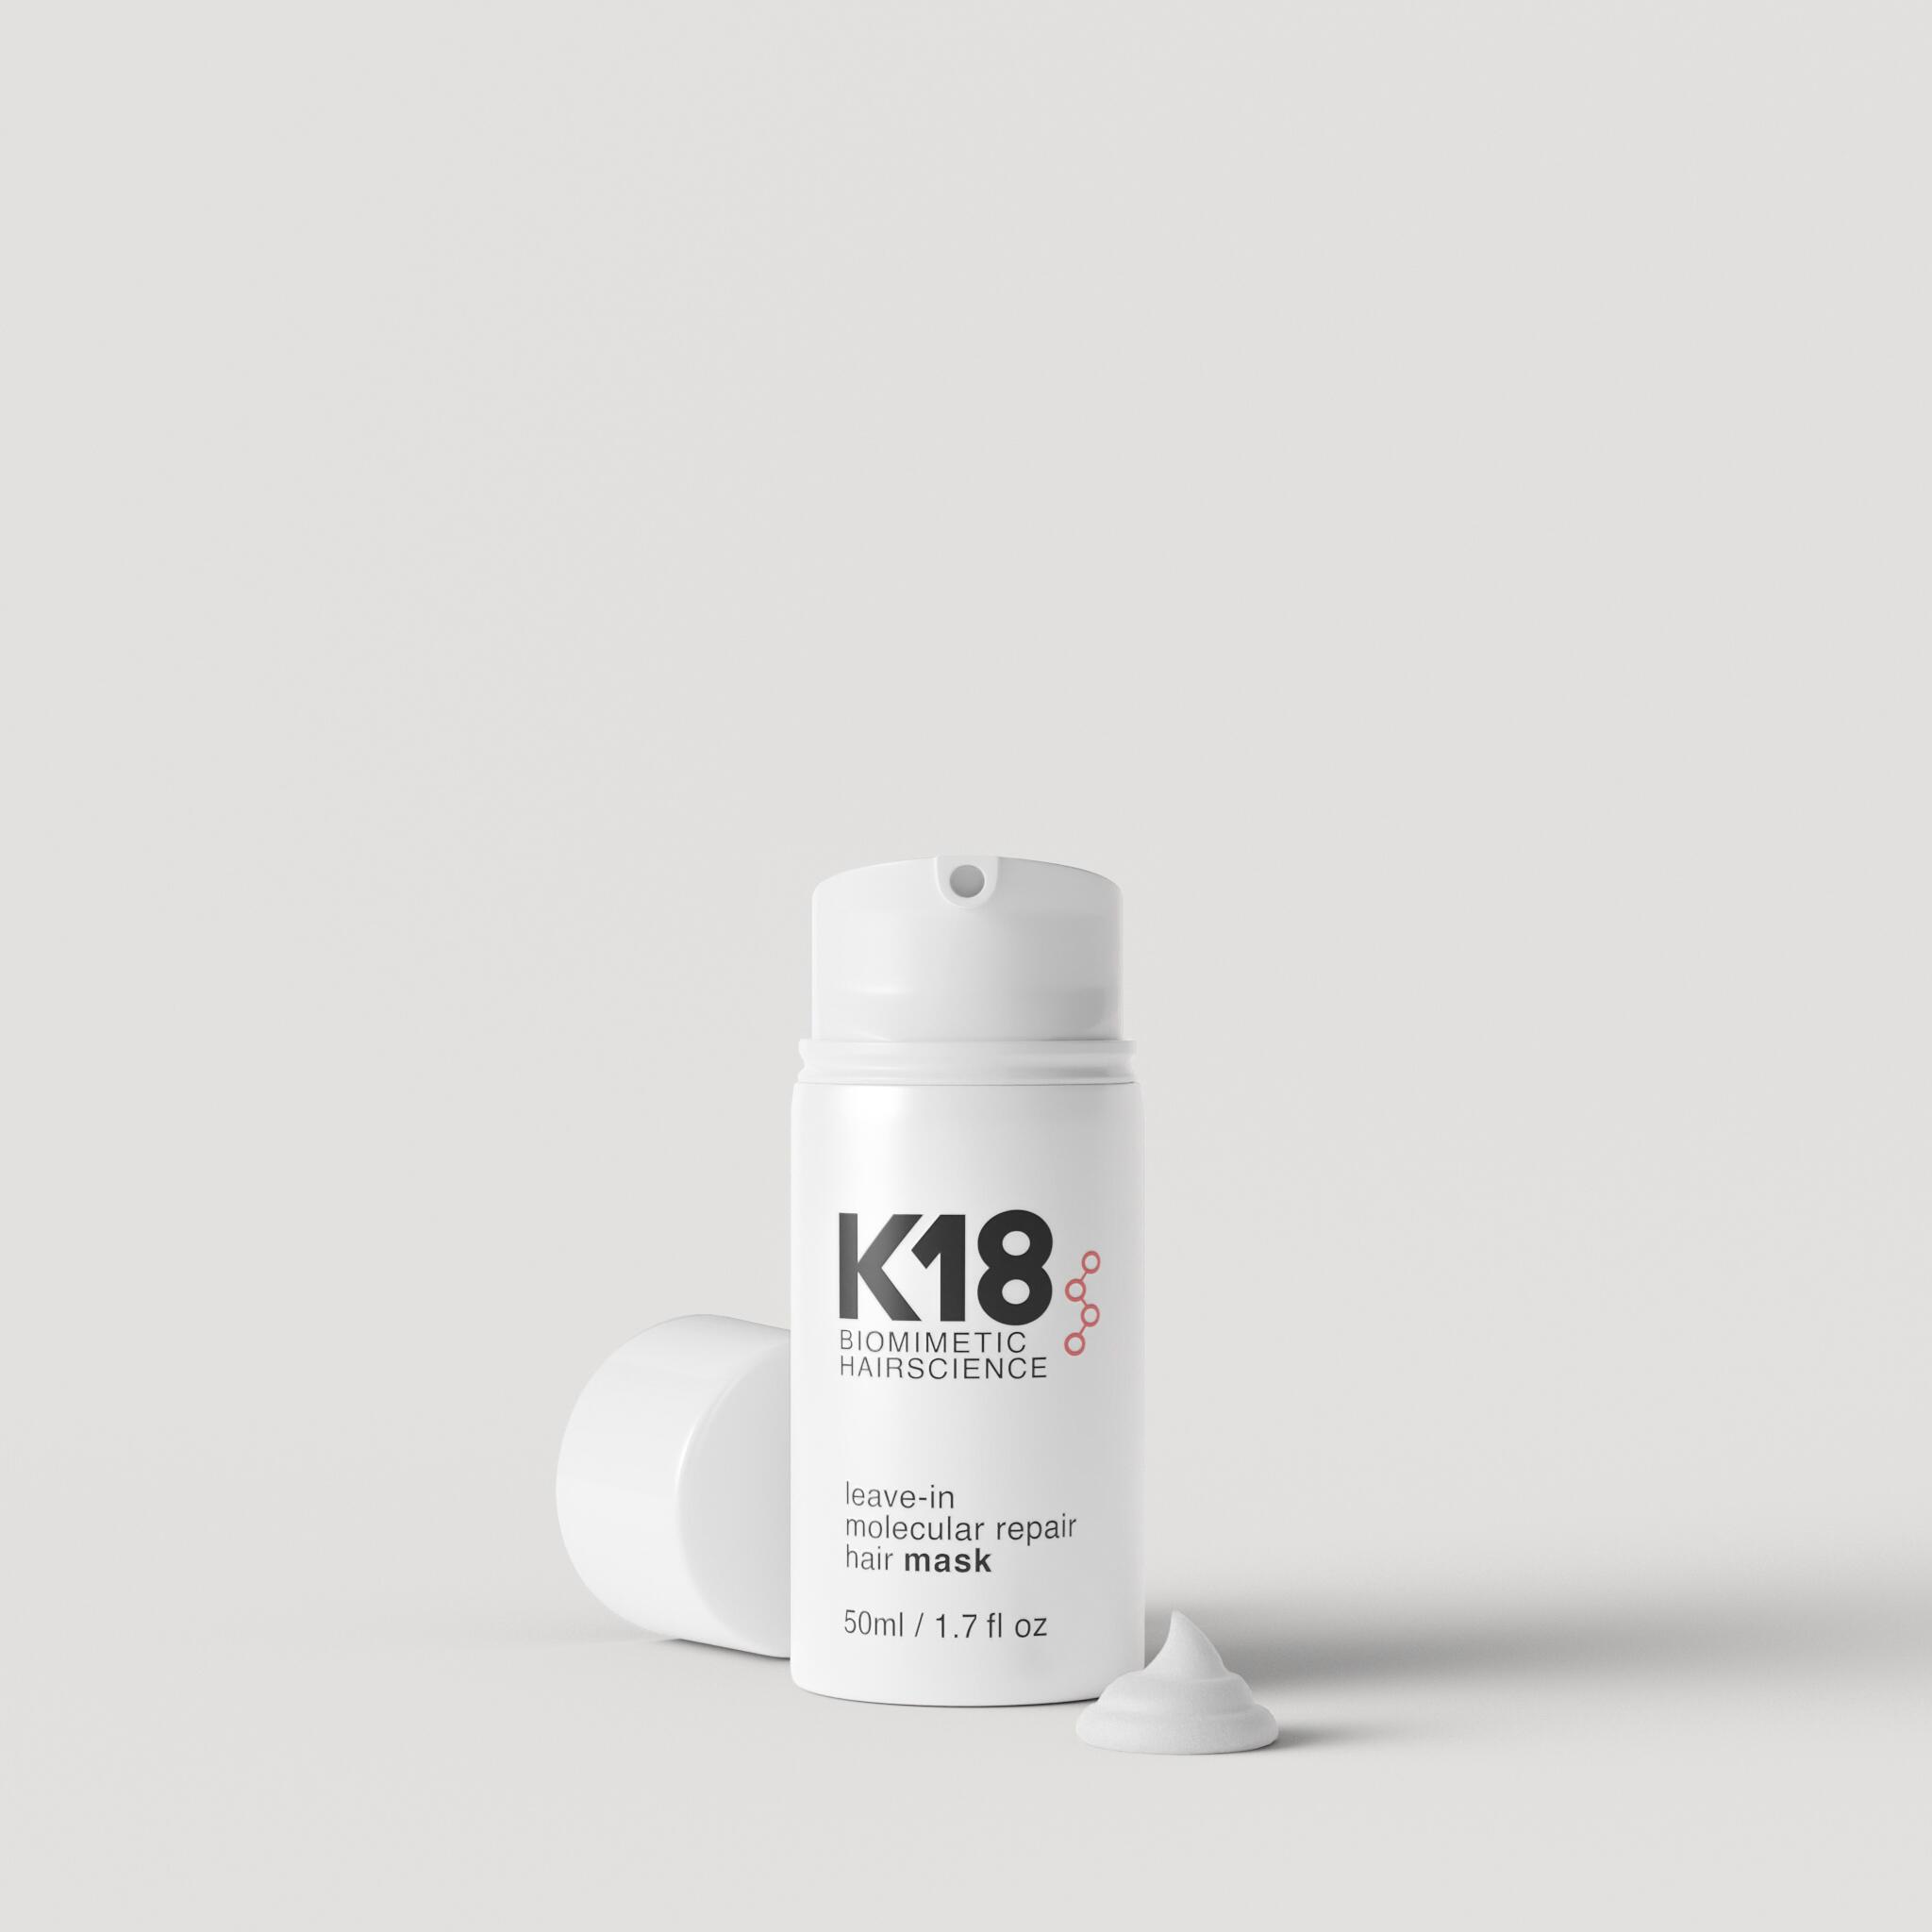 K18 Leave In Molecular Repair Mask 50 ml